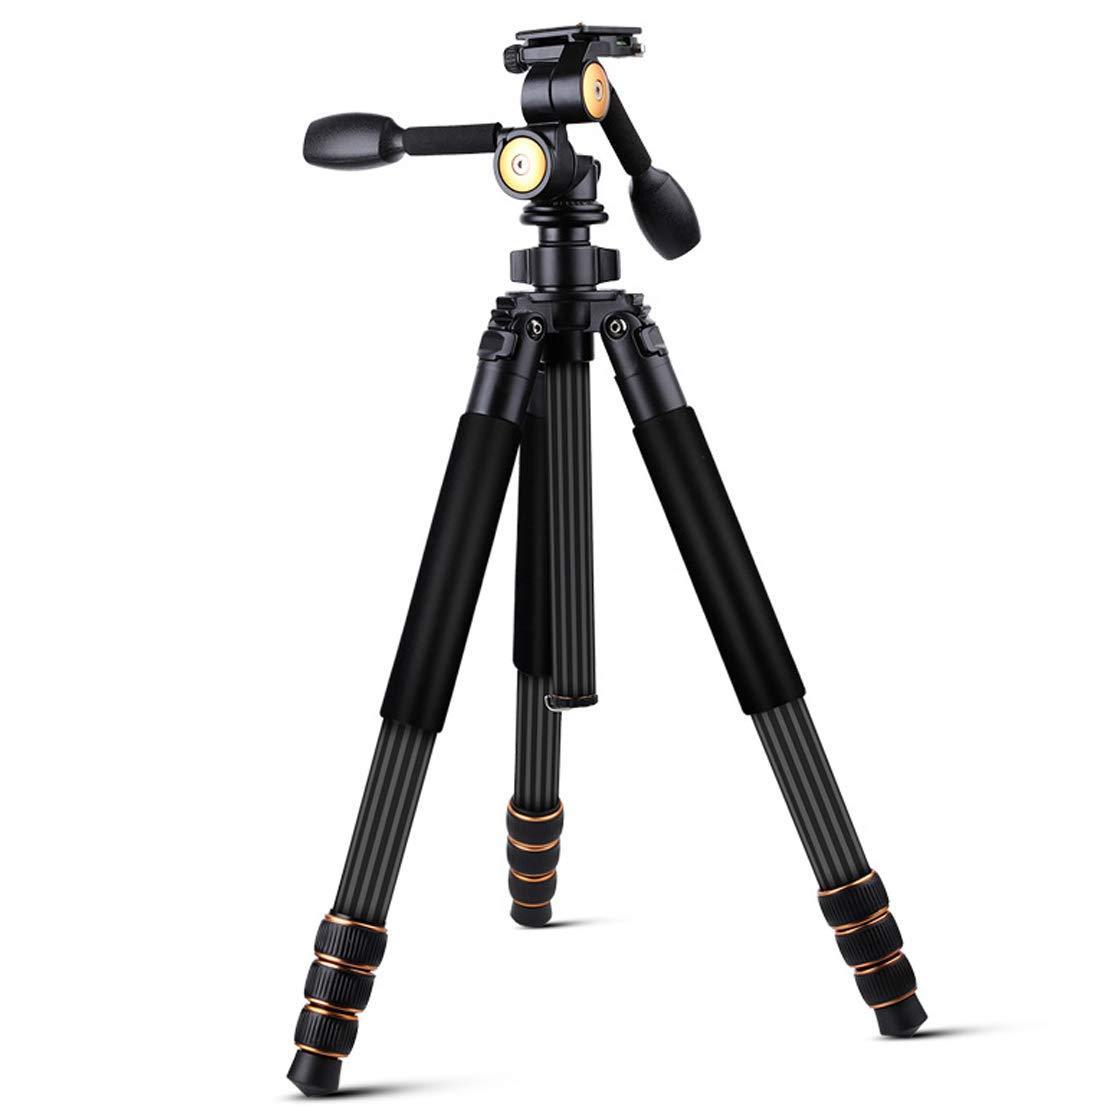 大きい割引 炭素繊維 三脚 旅行に適しています軽量1.7KG 46-177cmの高さ 炭素繊維 DSR B07QWV8YMF 三脚 Slr ソニーキヤノンニコンなどのカメラ機器(推奨荷重315KGブラック) B07QWV8YMF, イビグン:ba17267f --- martinemoeykens.com